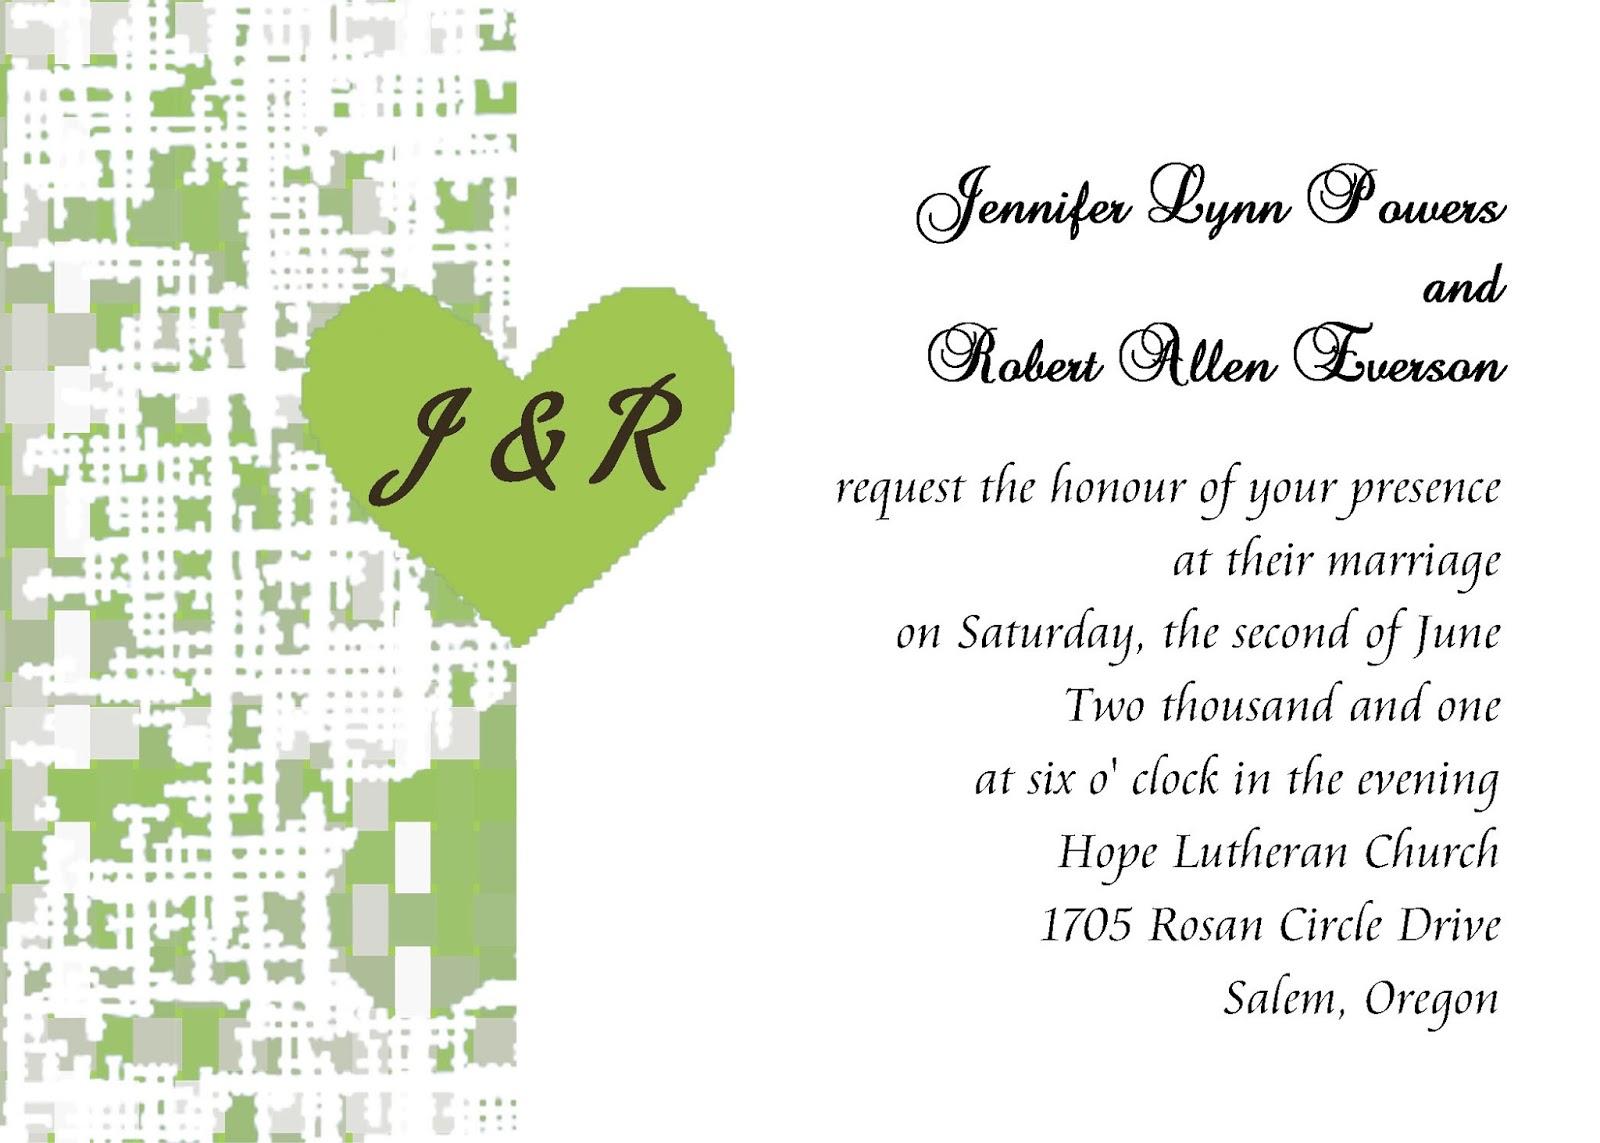 Proper Etiquette Gift Giving Destination Wedding : black wedding invitations: wedding invitation etiquette